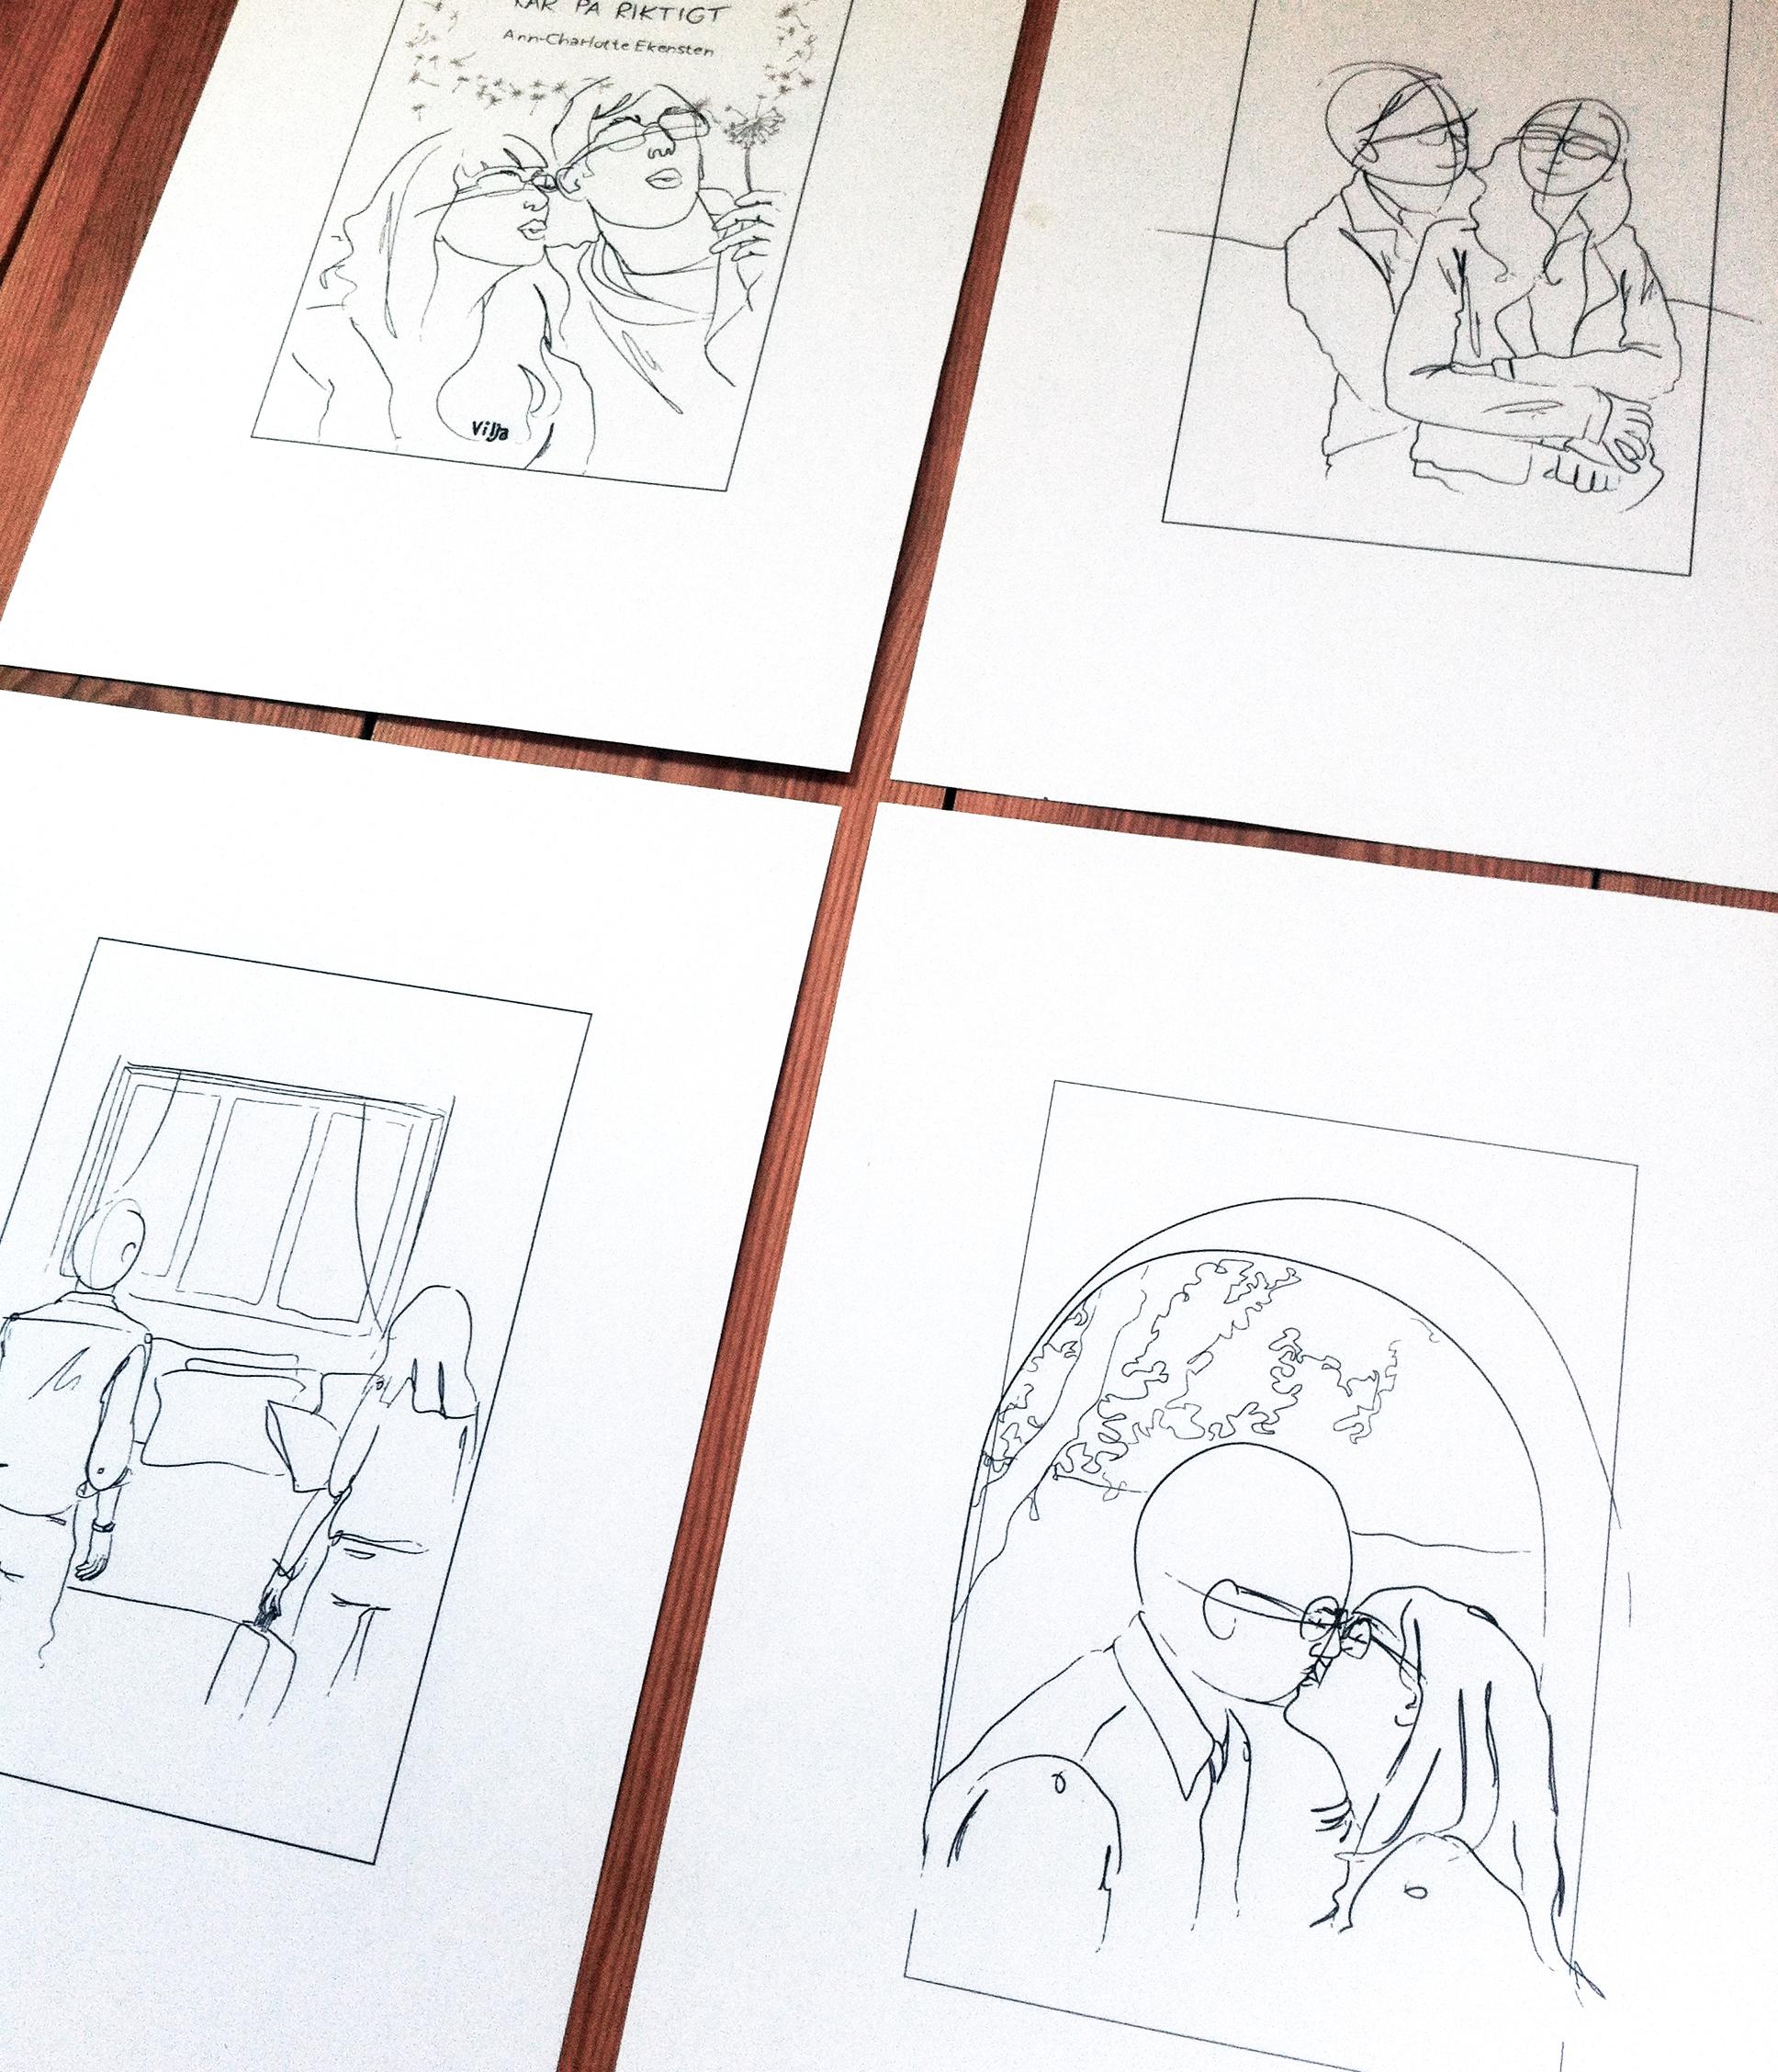 3-christina-heitmann-illustrtion-wip.jpg